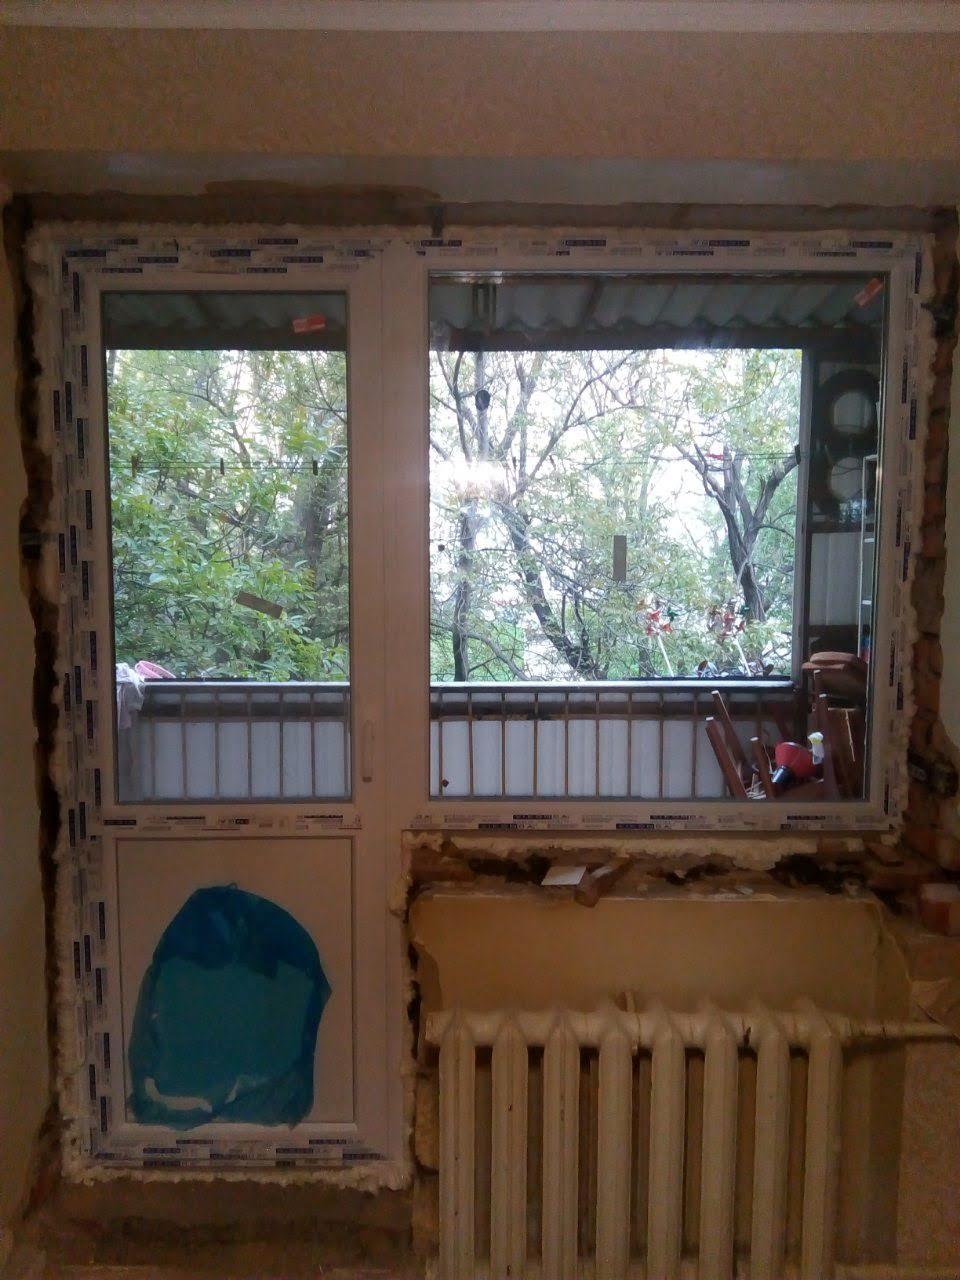 Фото Откосы с пластика. Установил подоконники 2 шт,один внутри .второй на балконе,и сделал порог с ламината и установил пластиковые откосы.Работа заняла весь день.